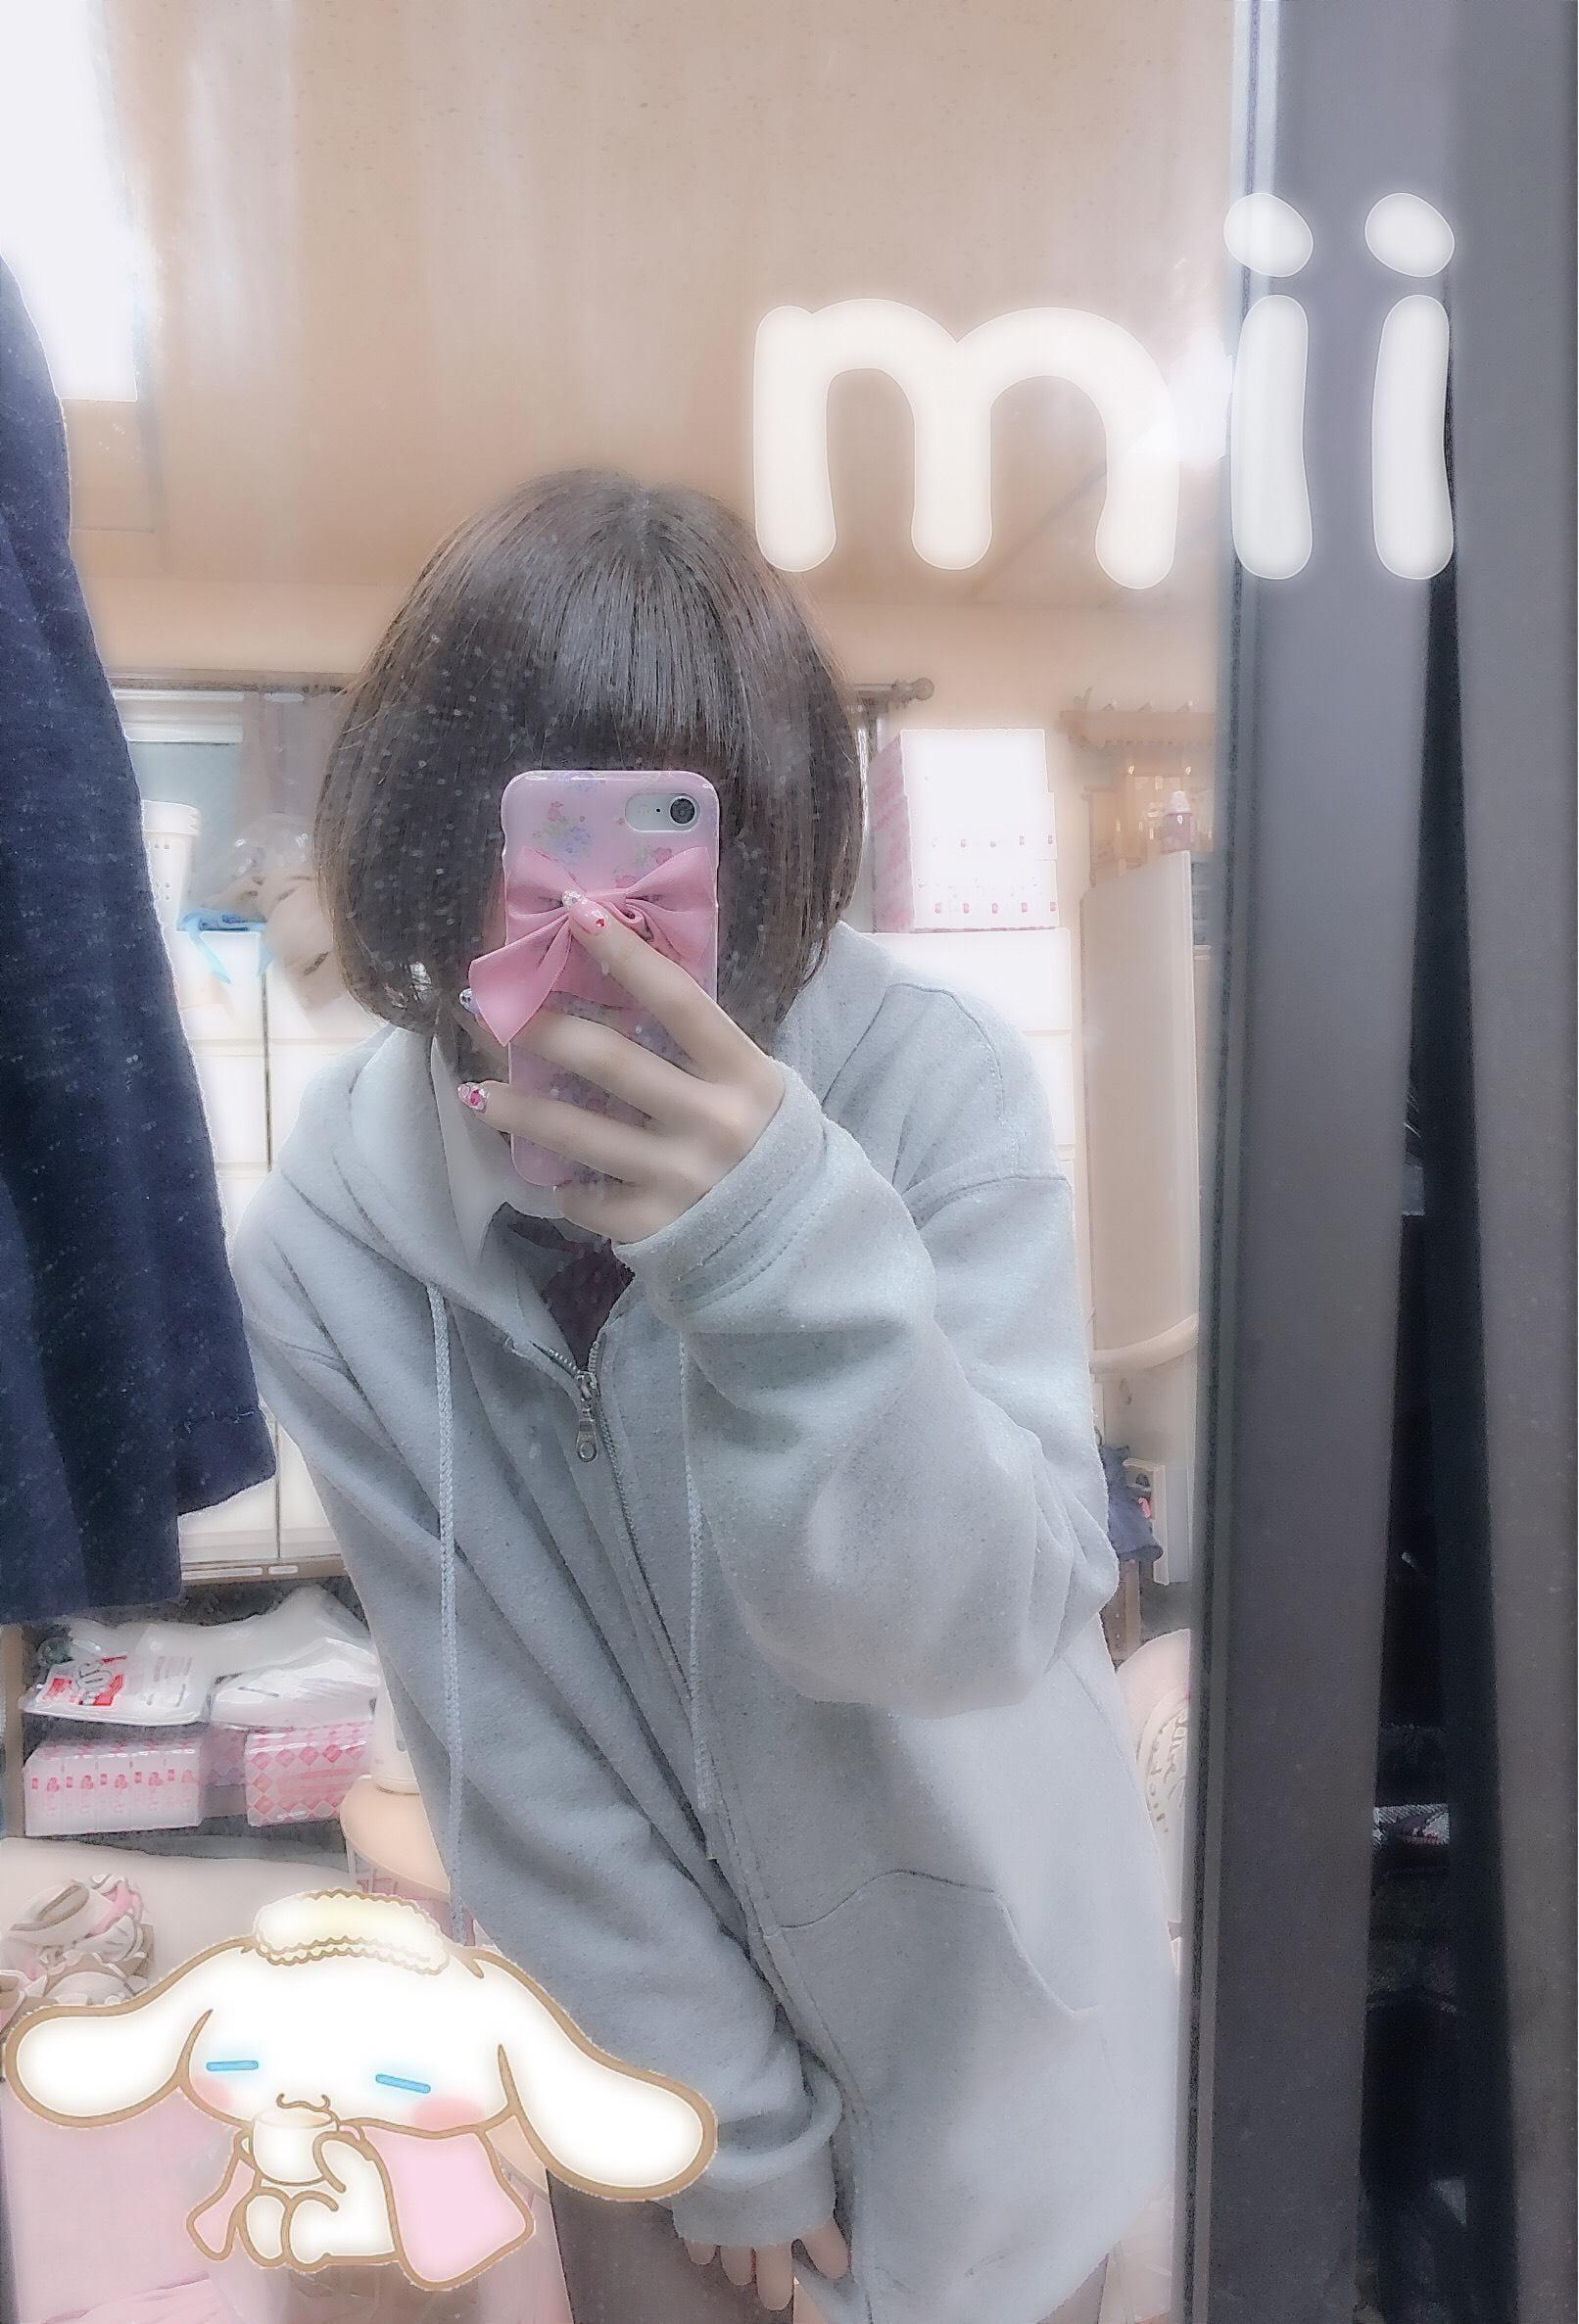 「2番手様のお兄様」11/20(火) 00:12 | みいの写メ・風俗動画